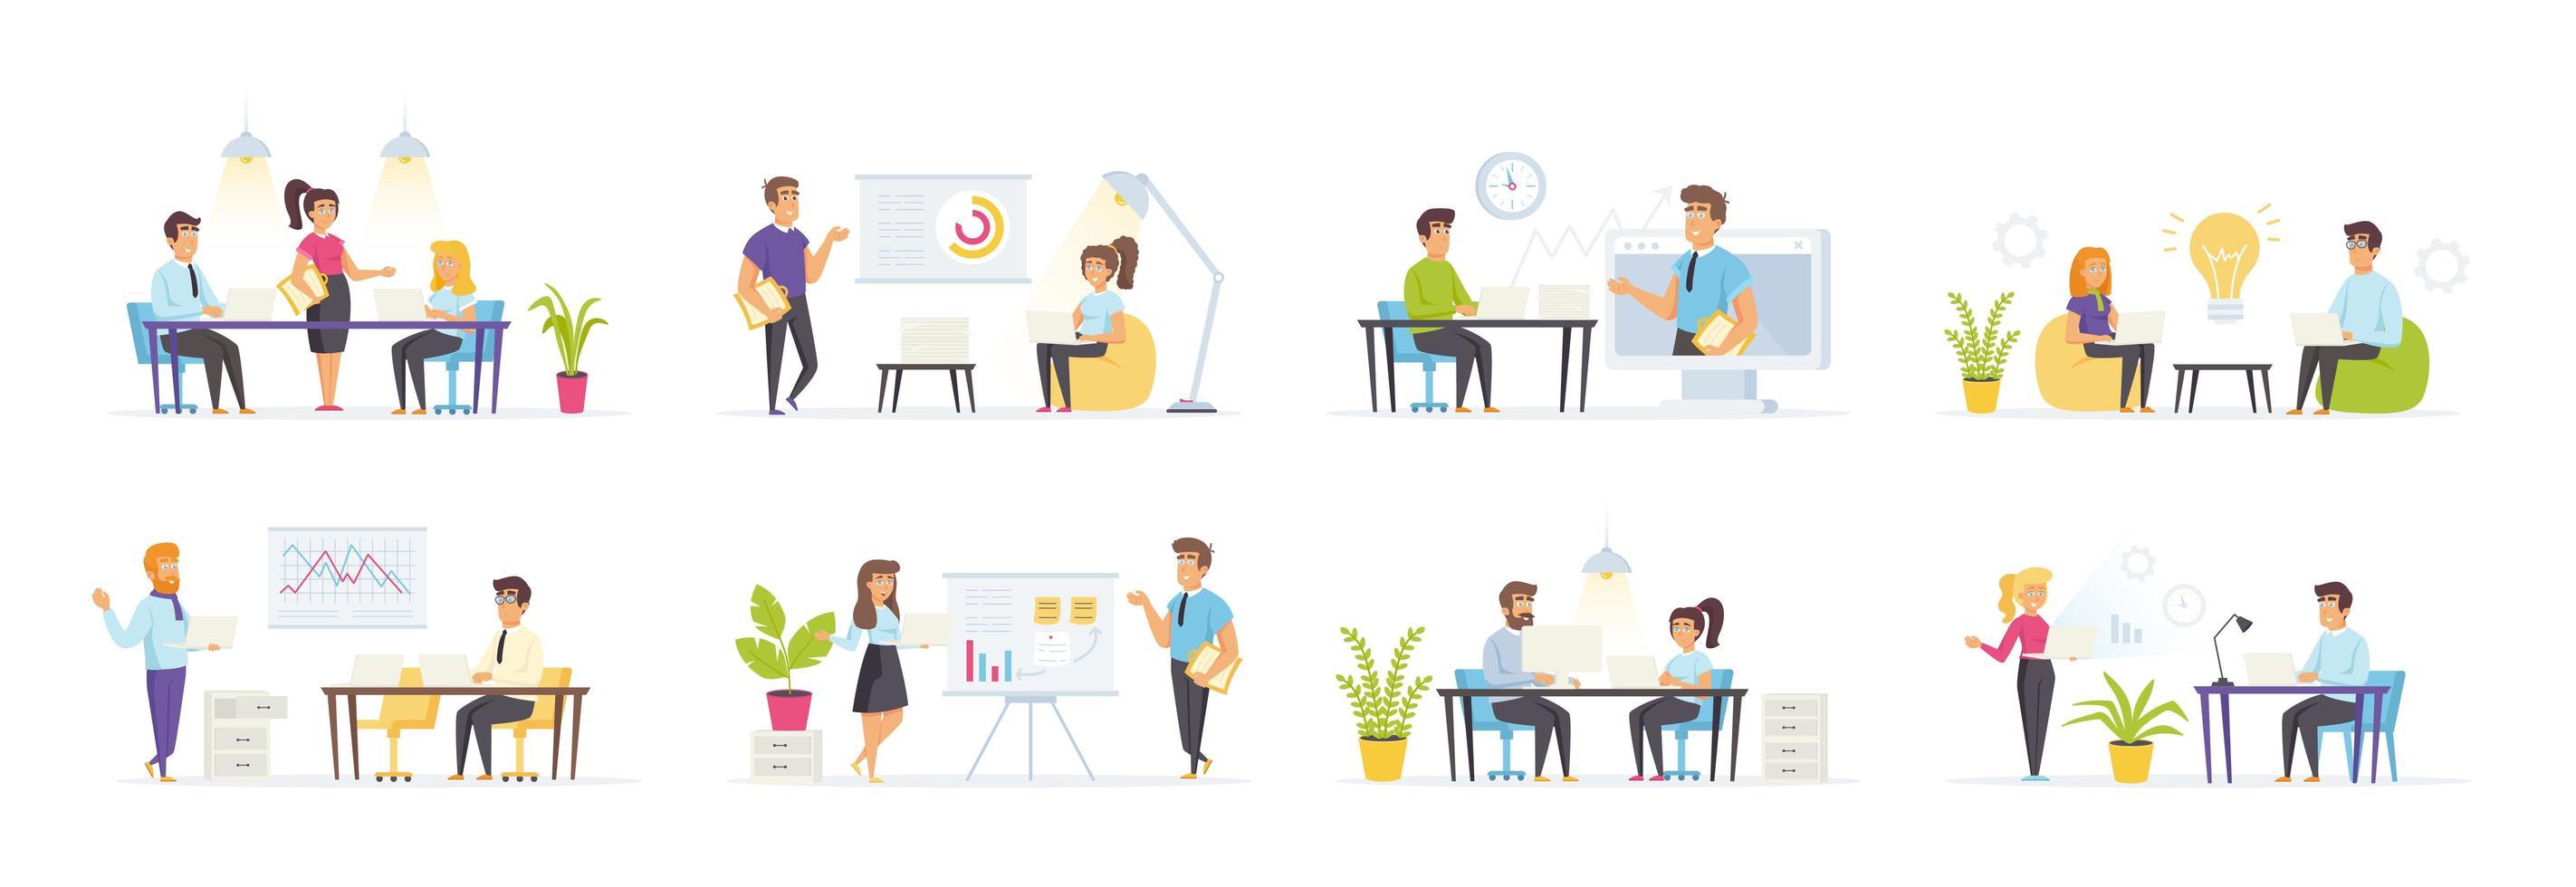 zakelijke bijeenkomst met mensen in verschillende situaties vector